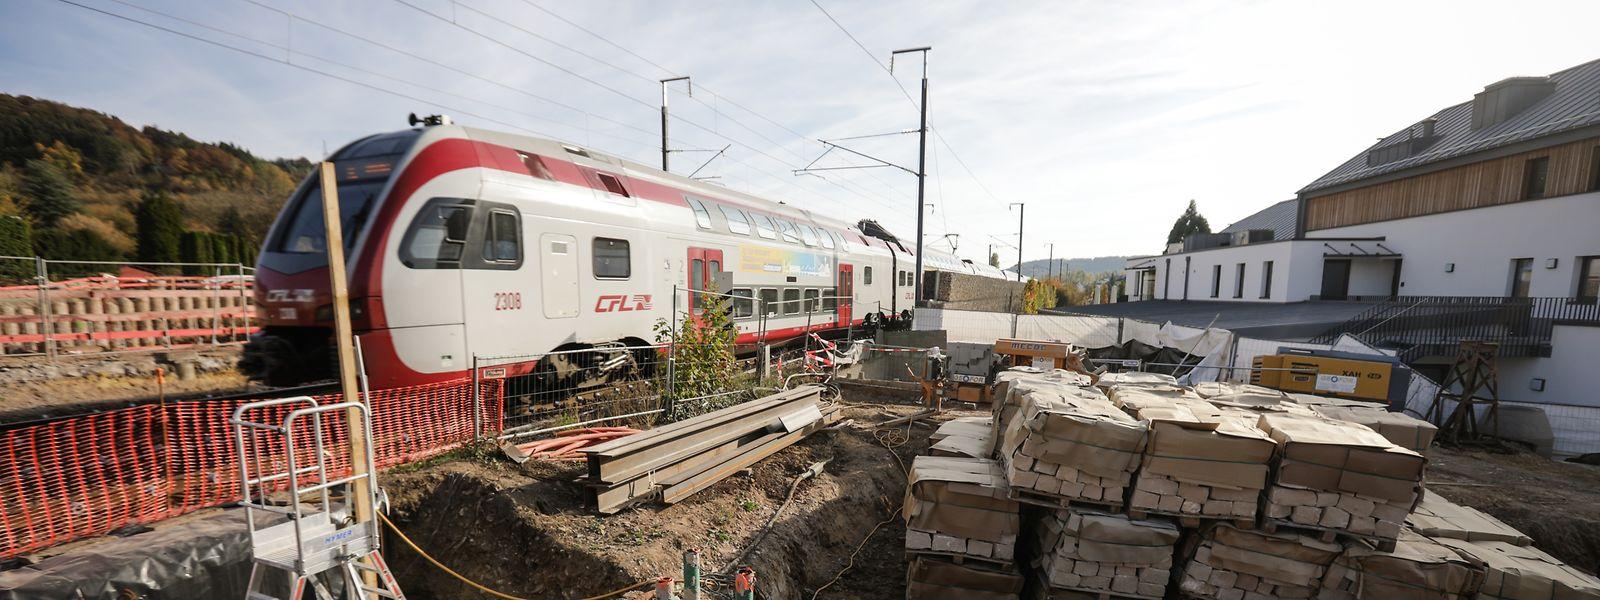 Am Bahnübergang PN17 entsteht derzeit eine Unterführung.